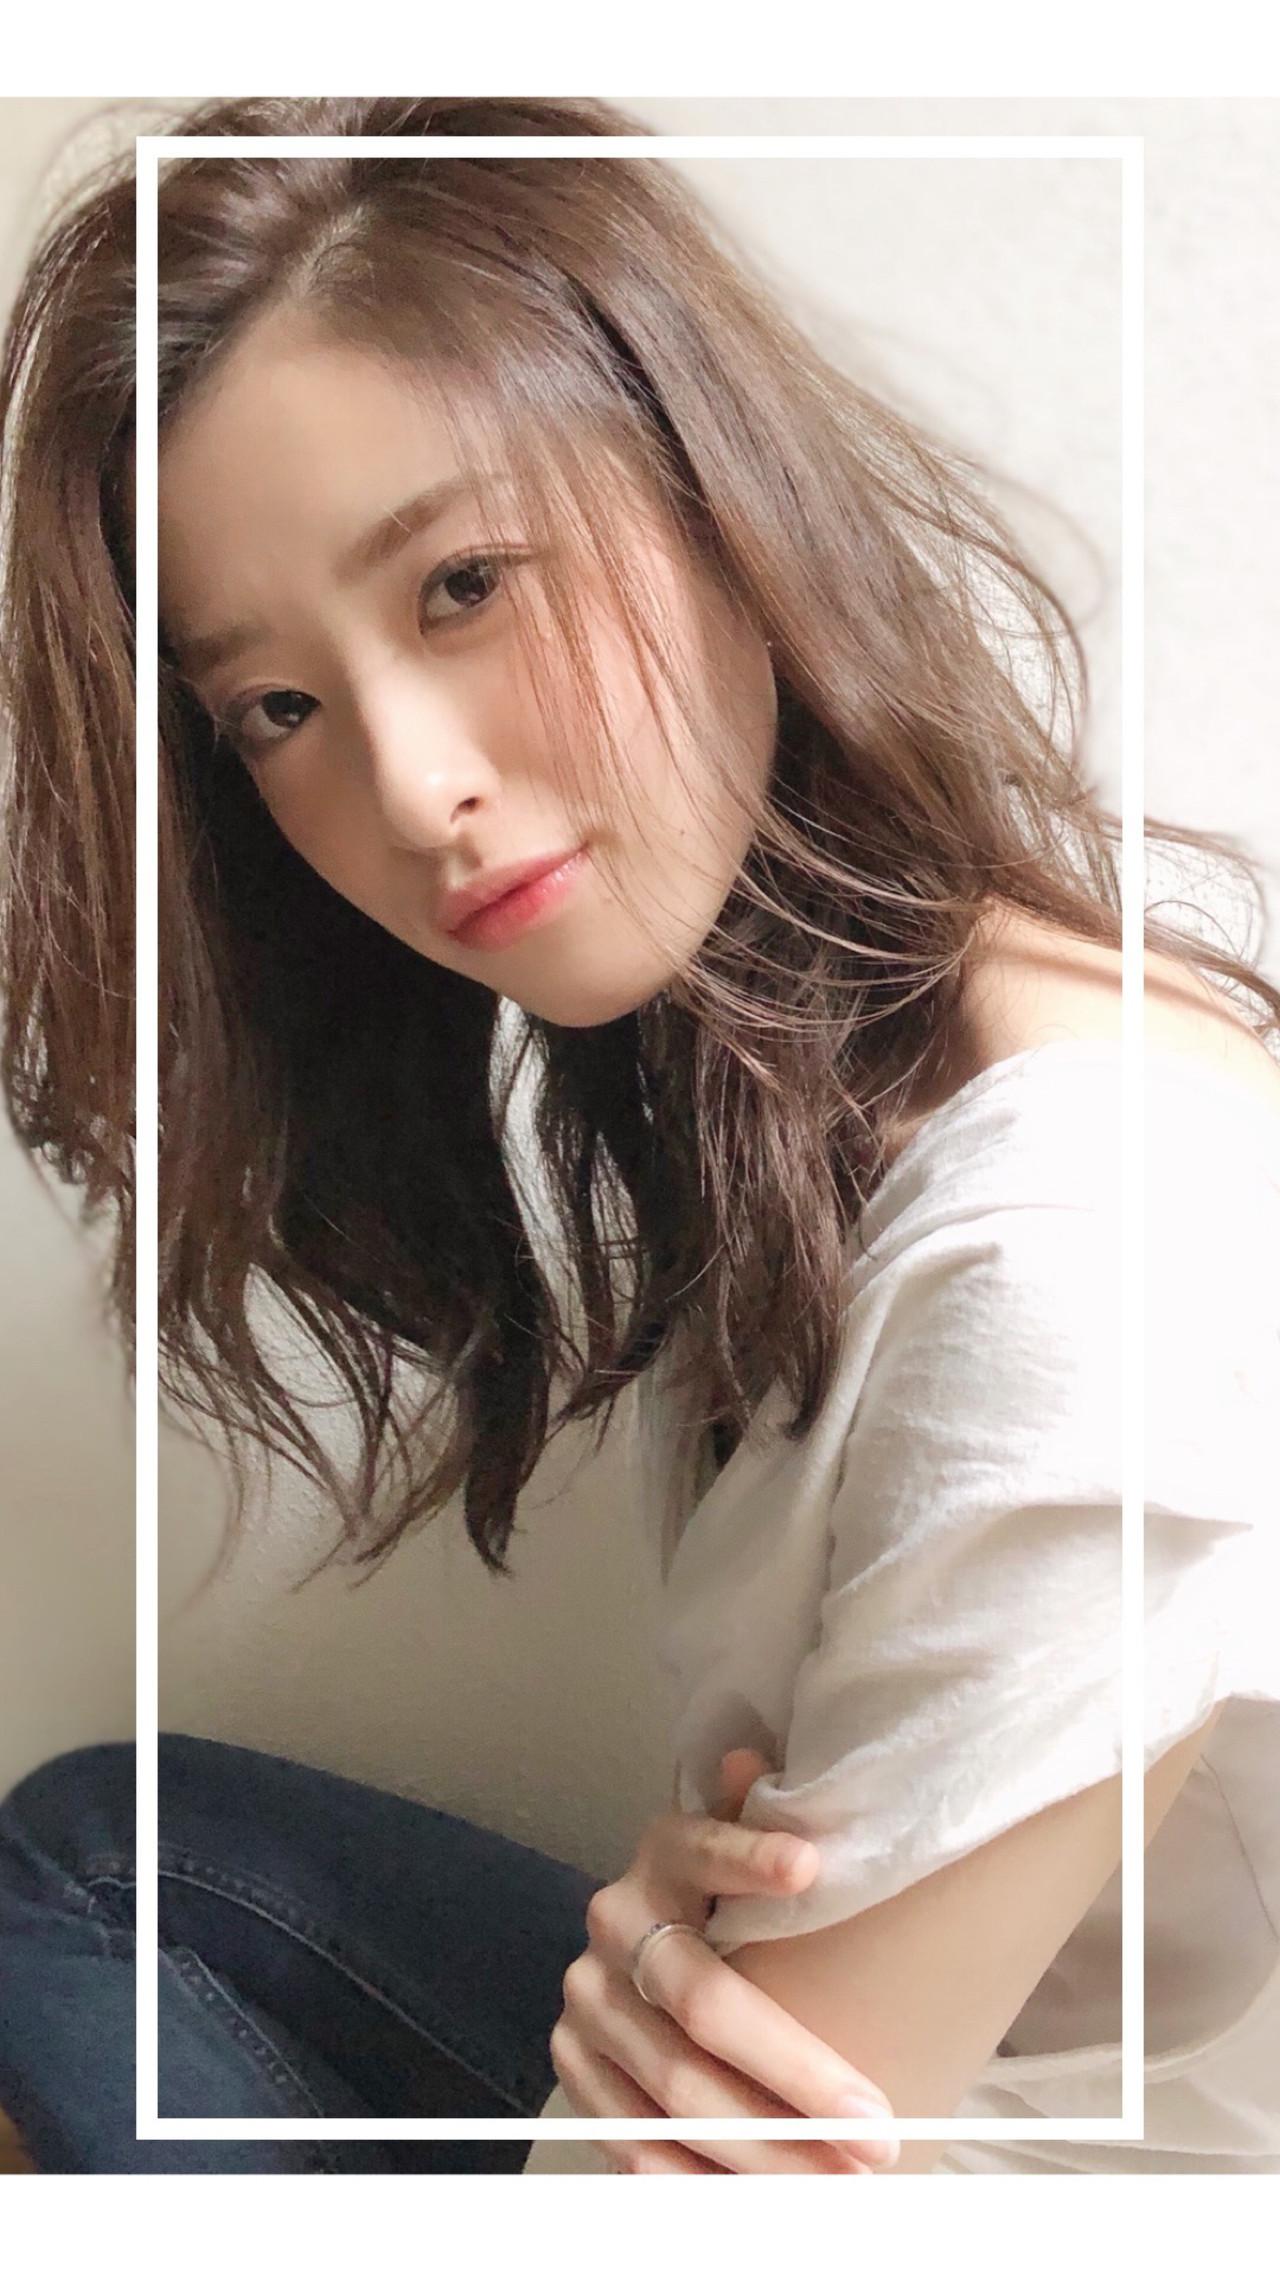 イルミナカラー セミロング デジタルパーマ ナチュラルデジパ ヘアスタイルや髪型の写真・画像